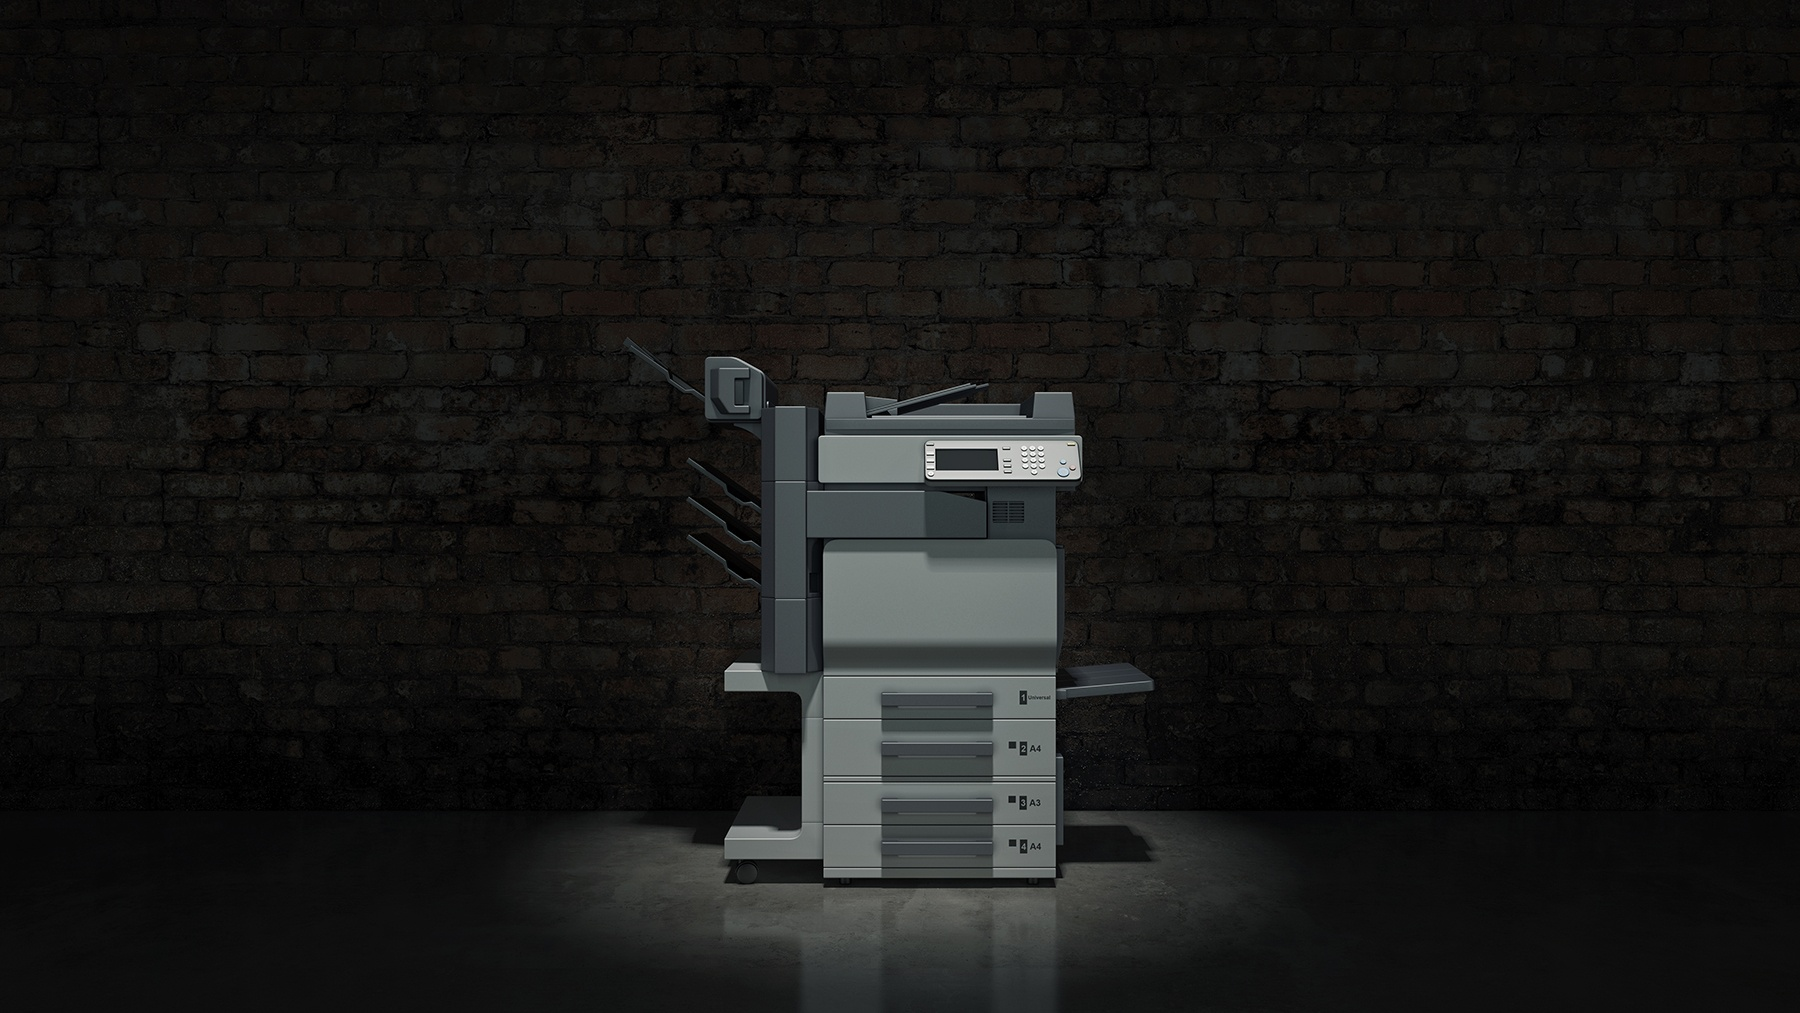 Printer-In-Dark-Room.jpg